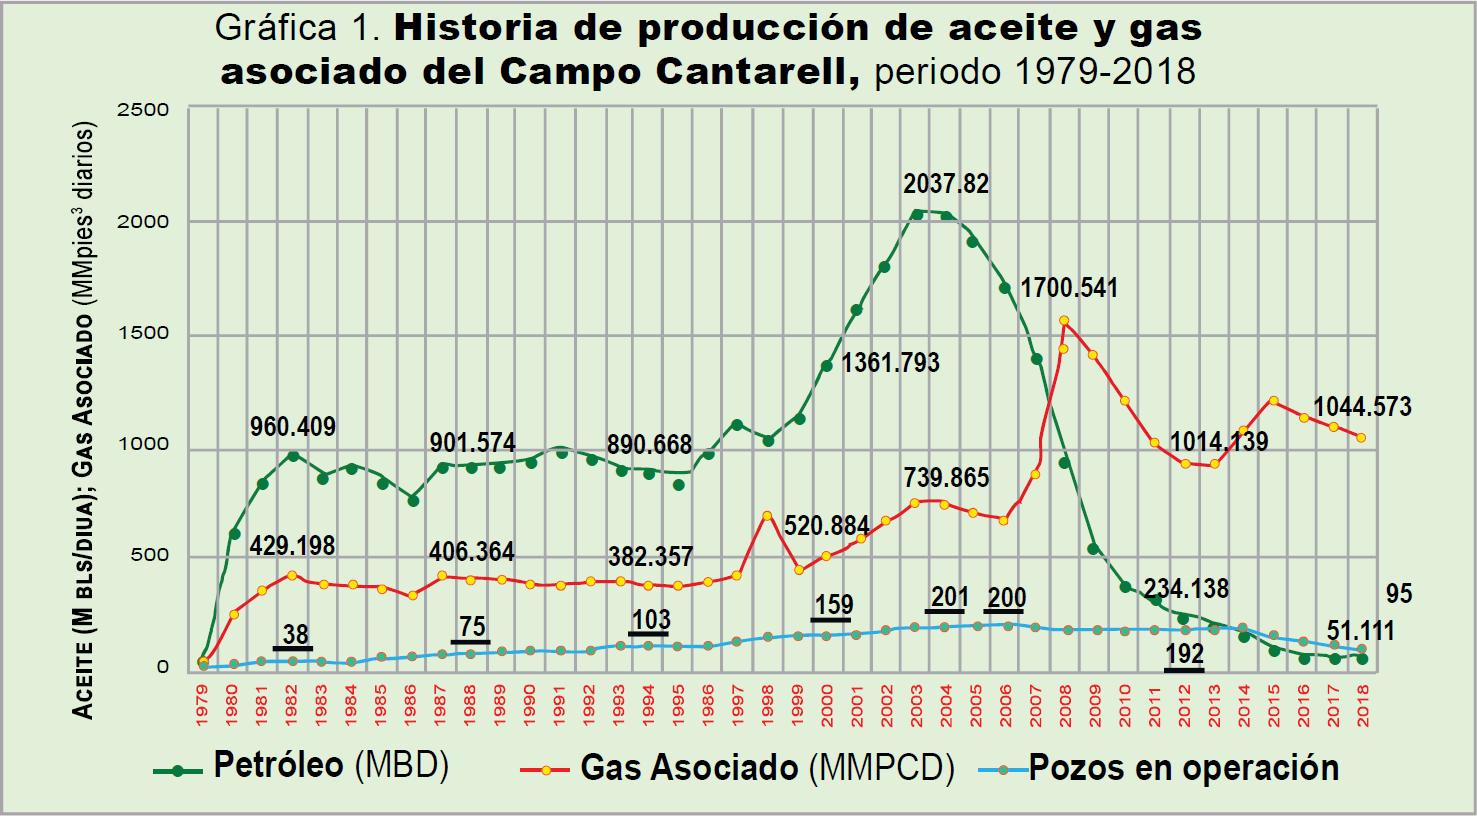 Proyectos para incrementar la producción petrolera en el corto plazo